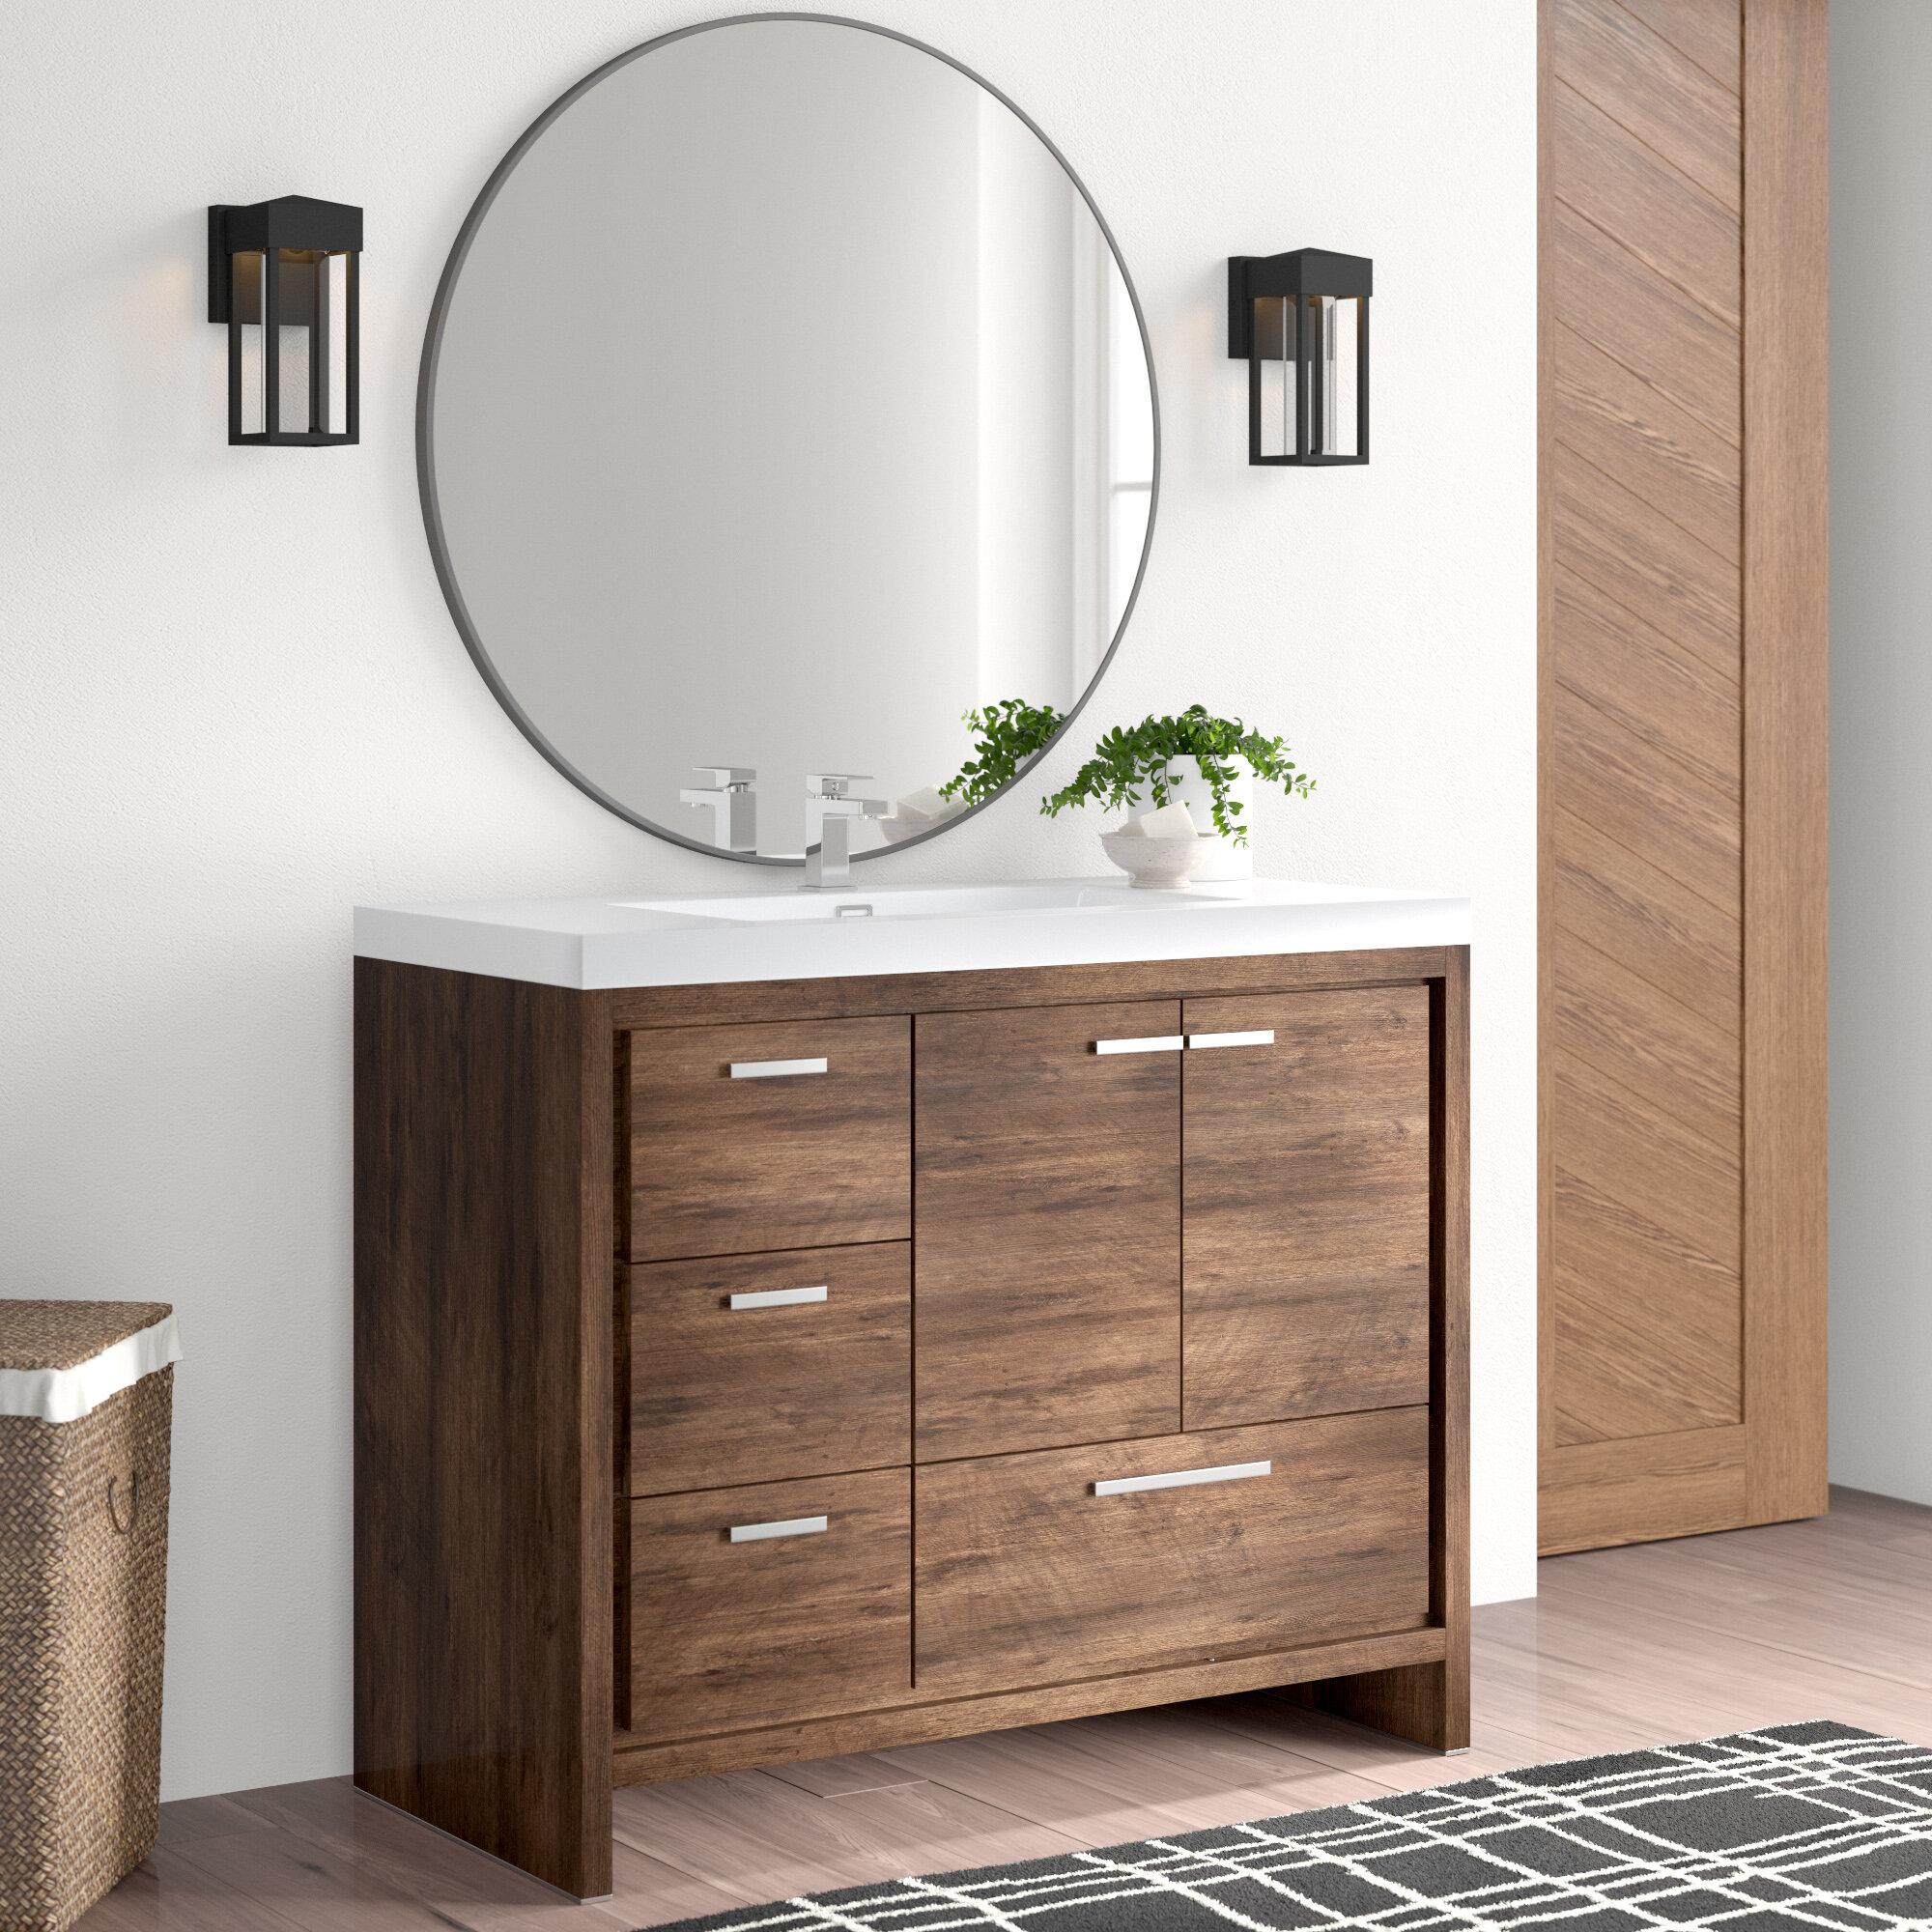 Medium Wood Bathroom Vanities You Ll Love In 2021 Wayfair